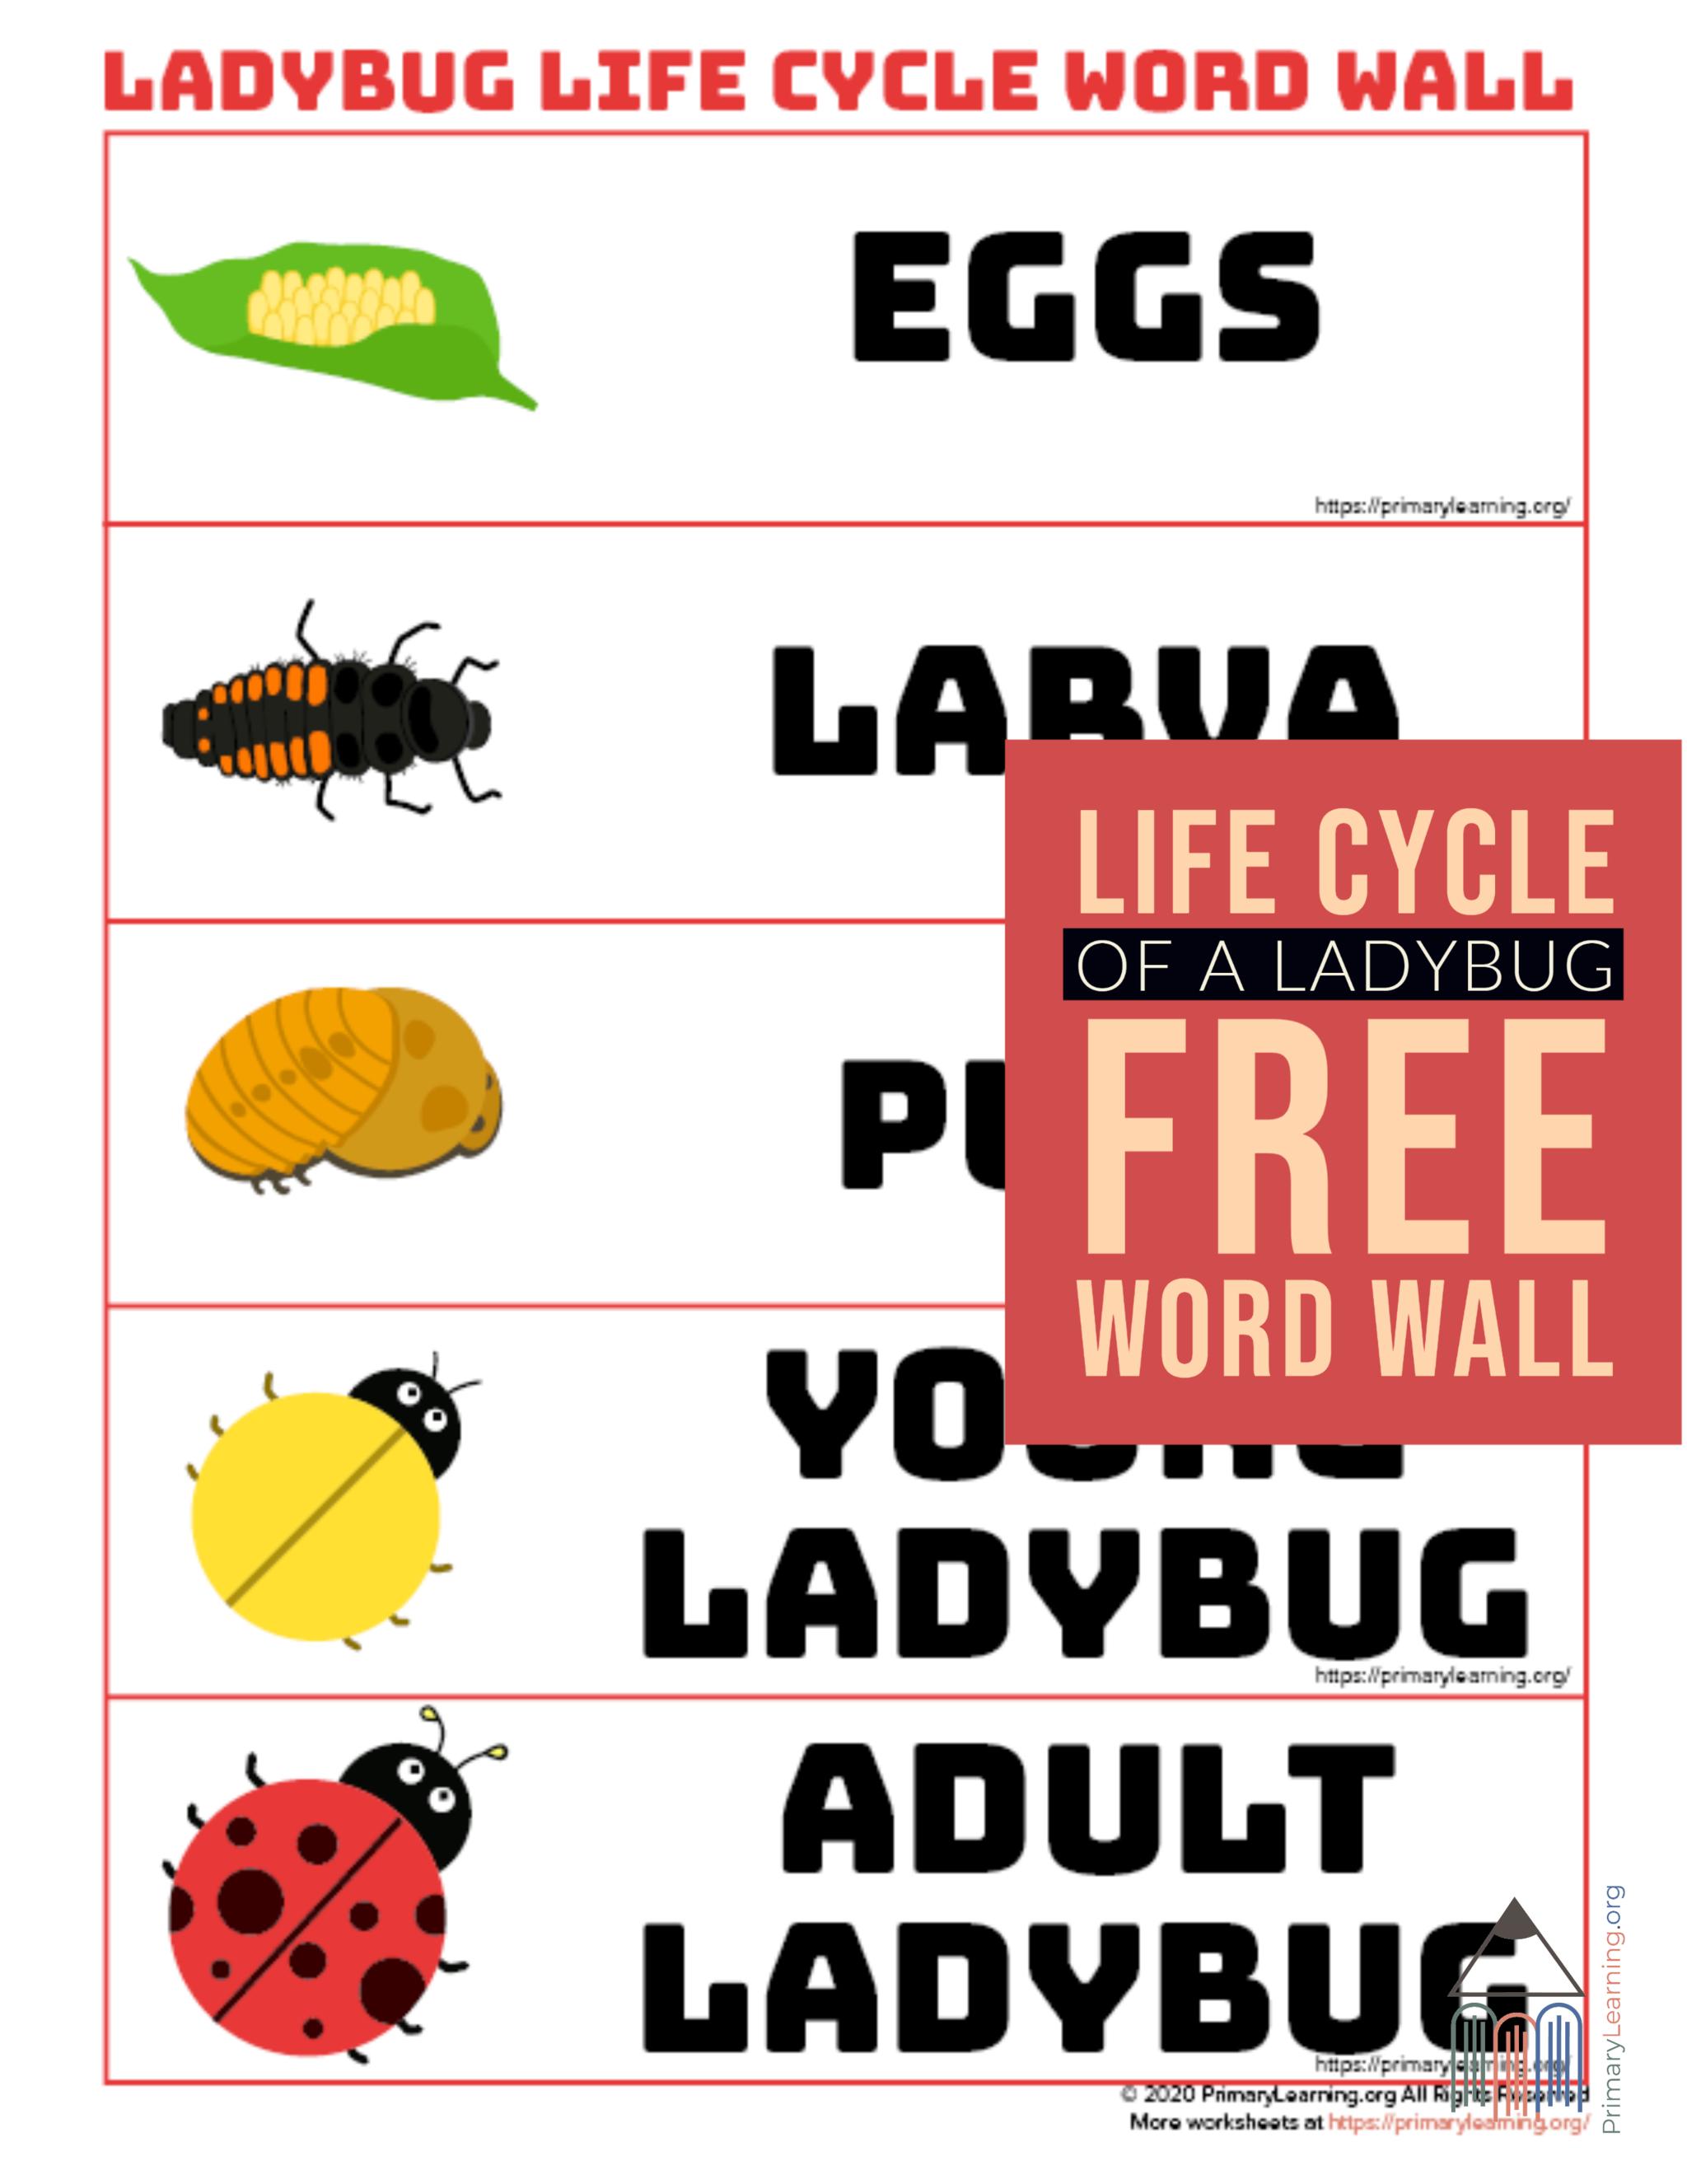 Ladybug Life Cycle Word Wall